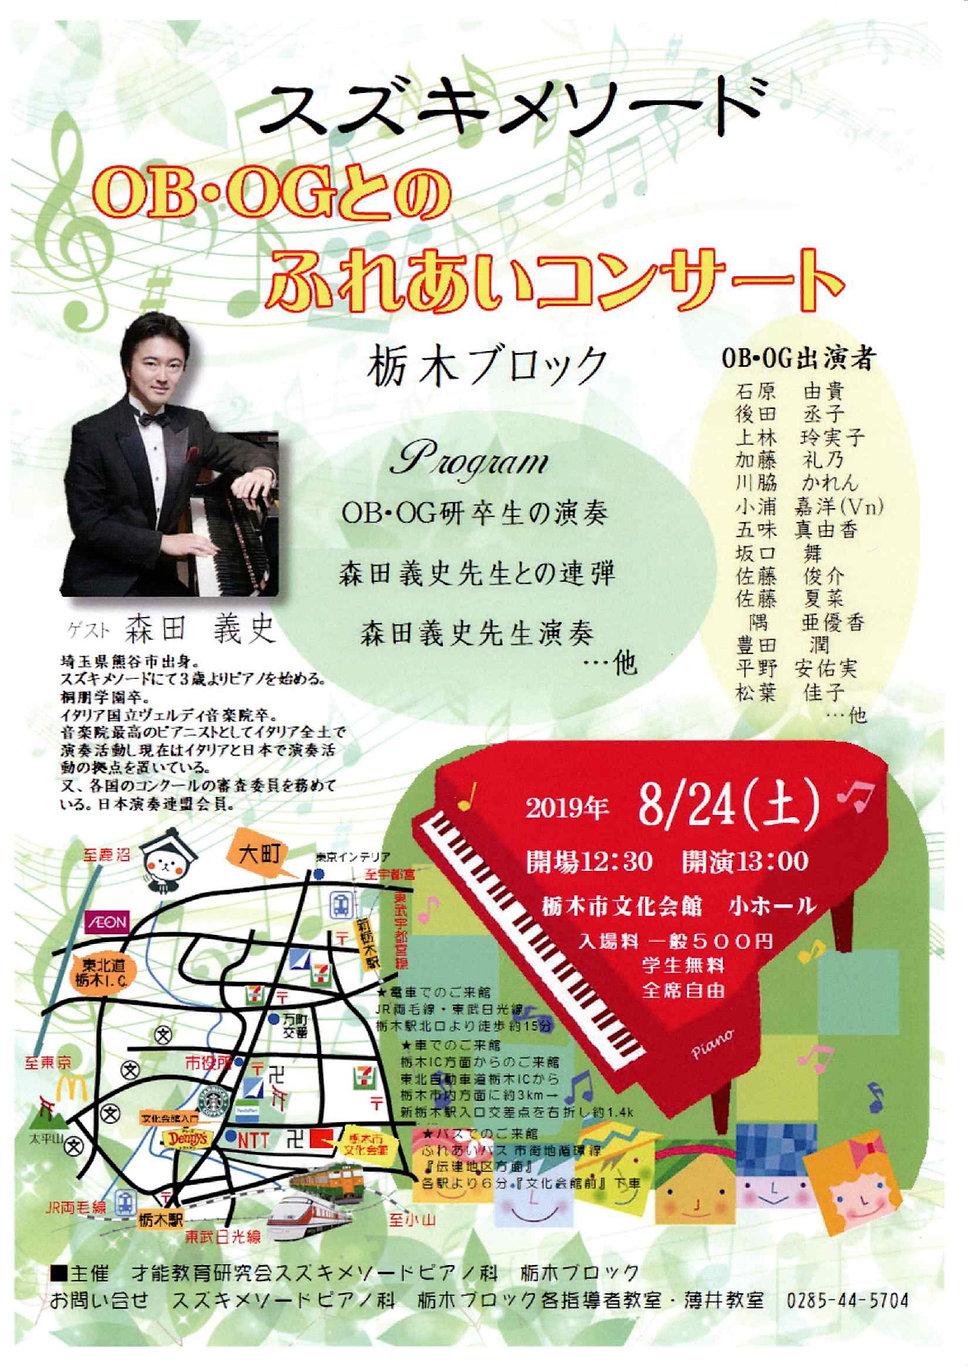 OBOGふれあいコンサート_page-0001.jpg